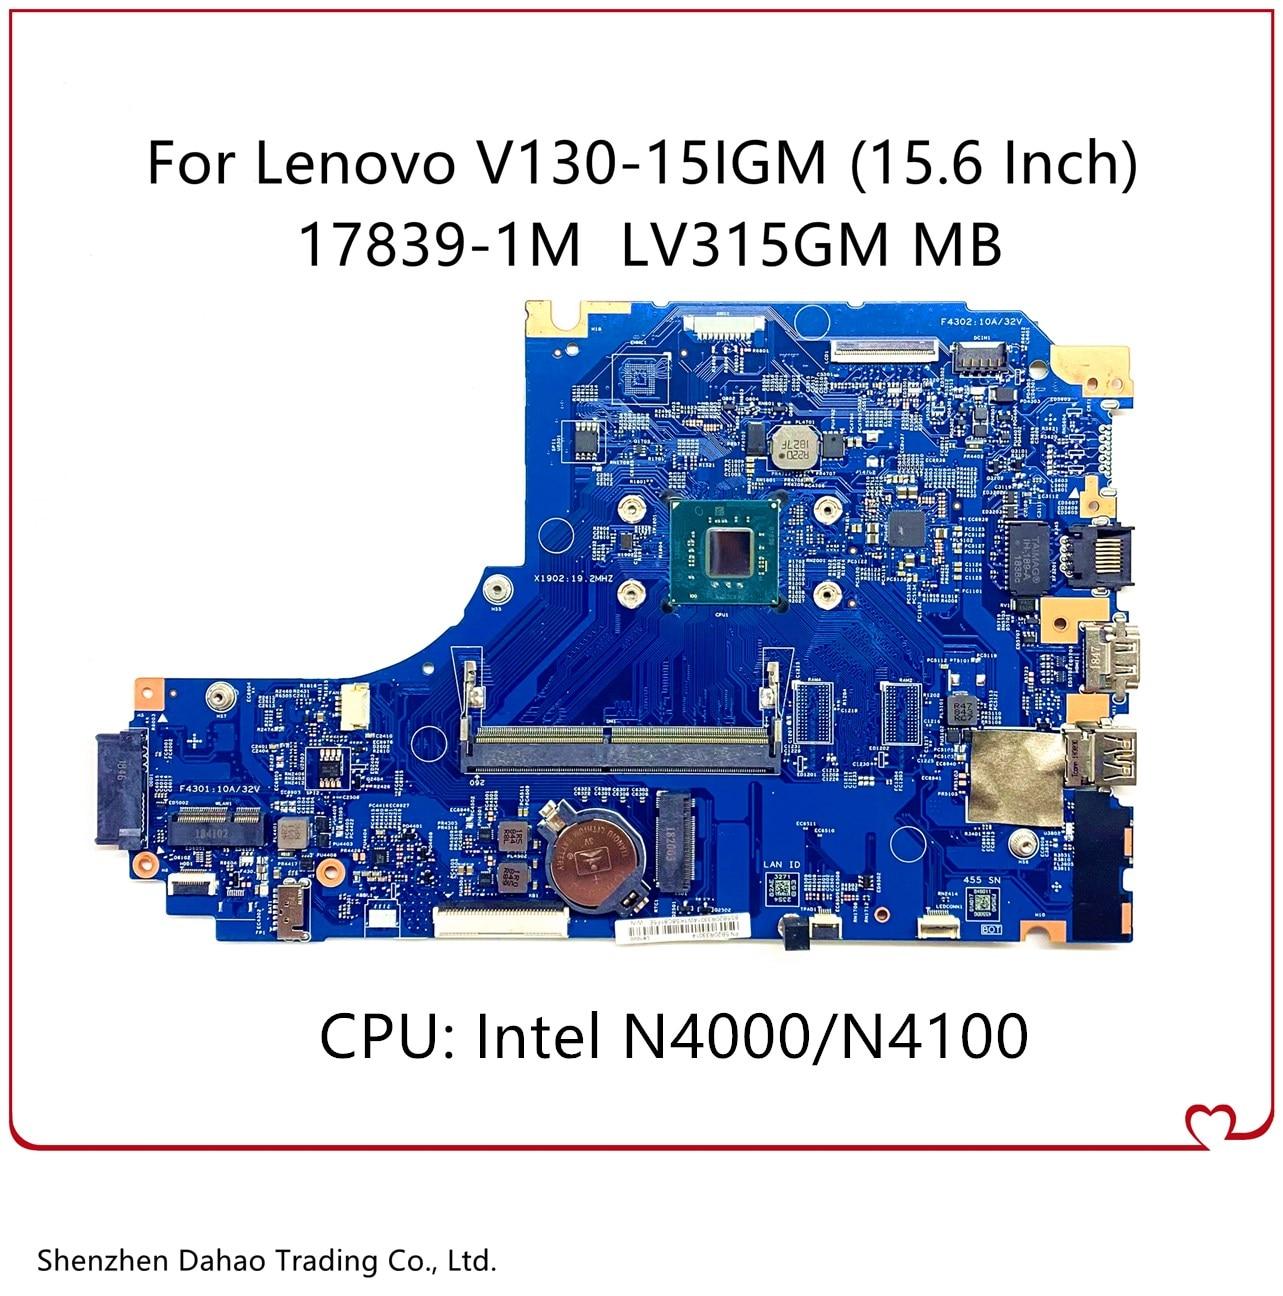 17839-1M LV315GM MB لينوفو V130-15IGM اللوحة المحمول W/إنتل N4000/4100 وحدة المعالجة المركزية 100% اختبار بالكامل 448.0DC05.003M 5B20R33014